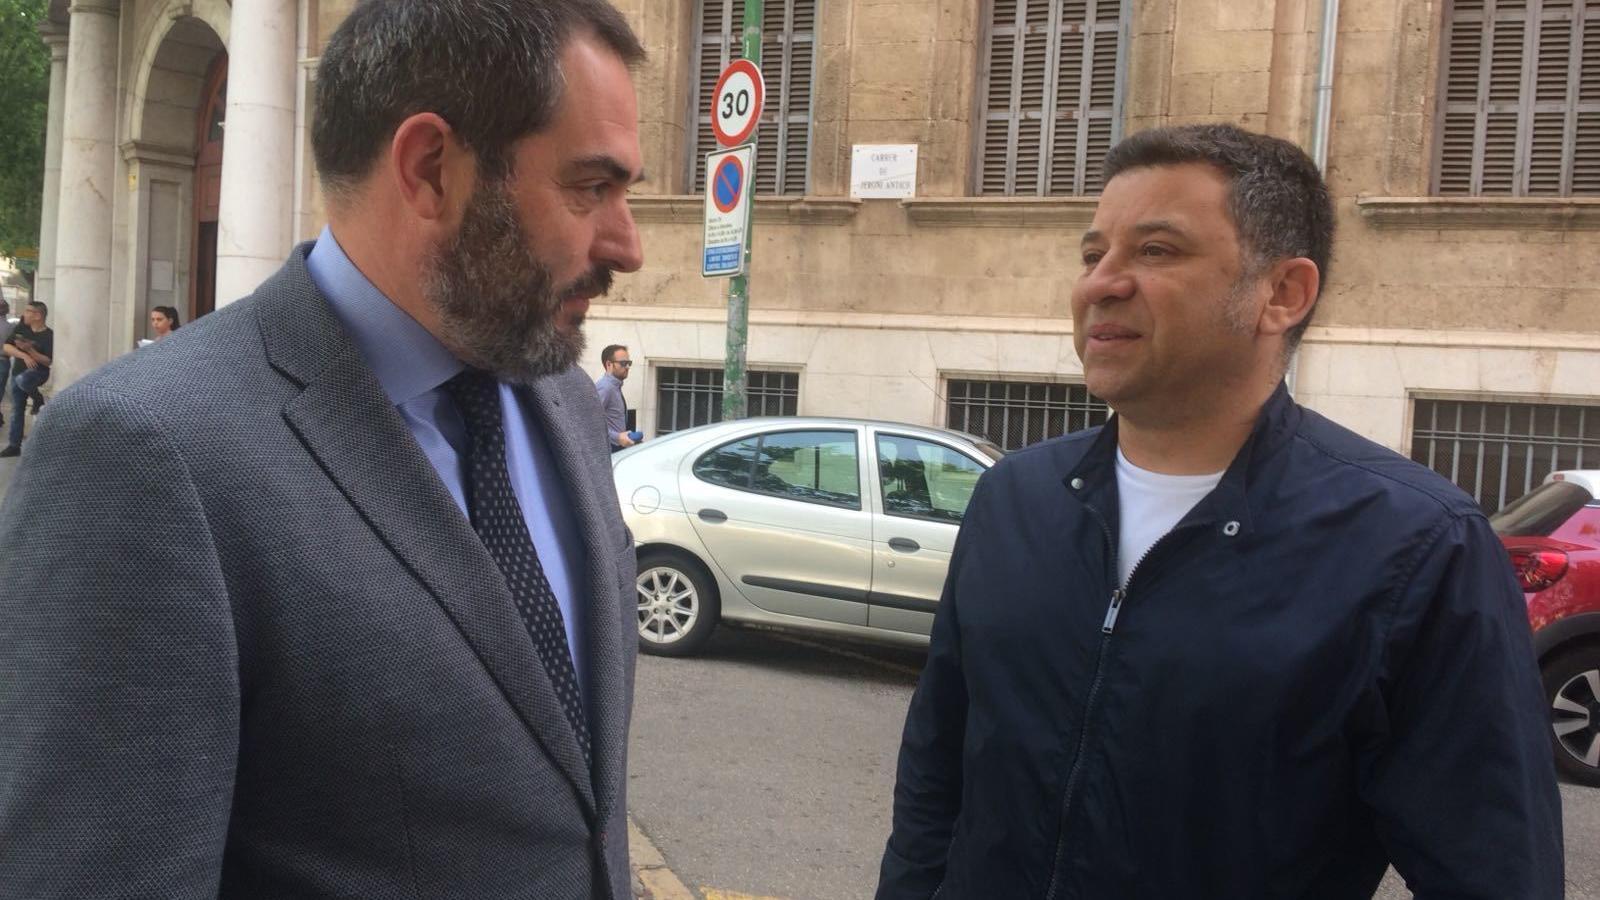 Josep De Luis, advocat, amb Miquel Angel Mayol, a la sortida dels jutjats